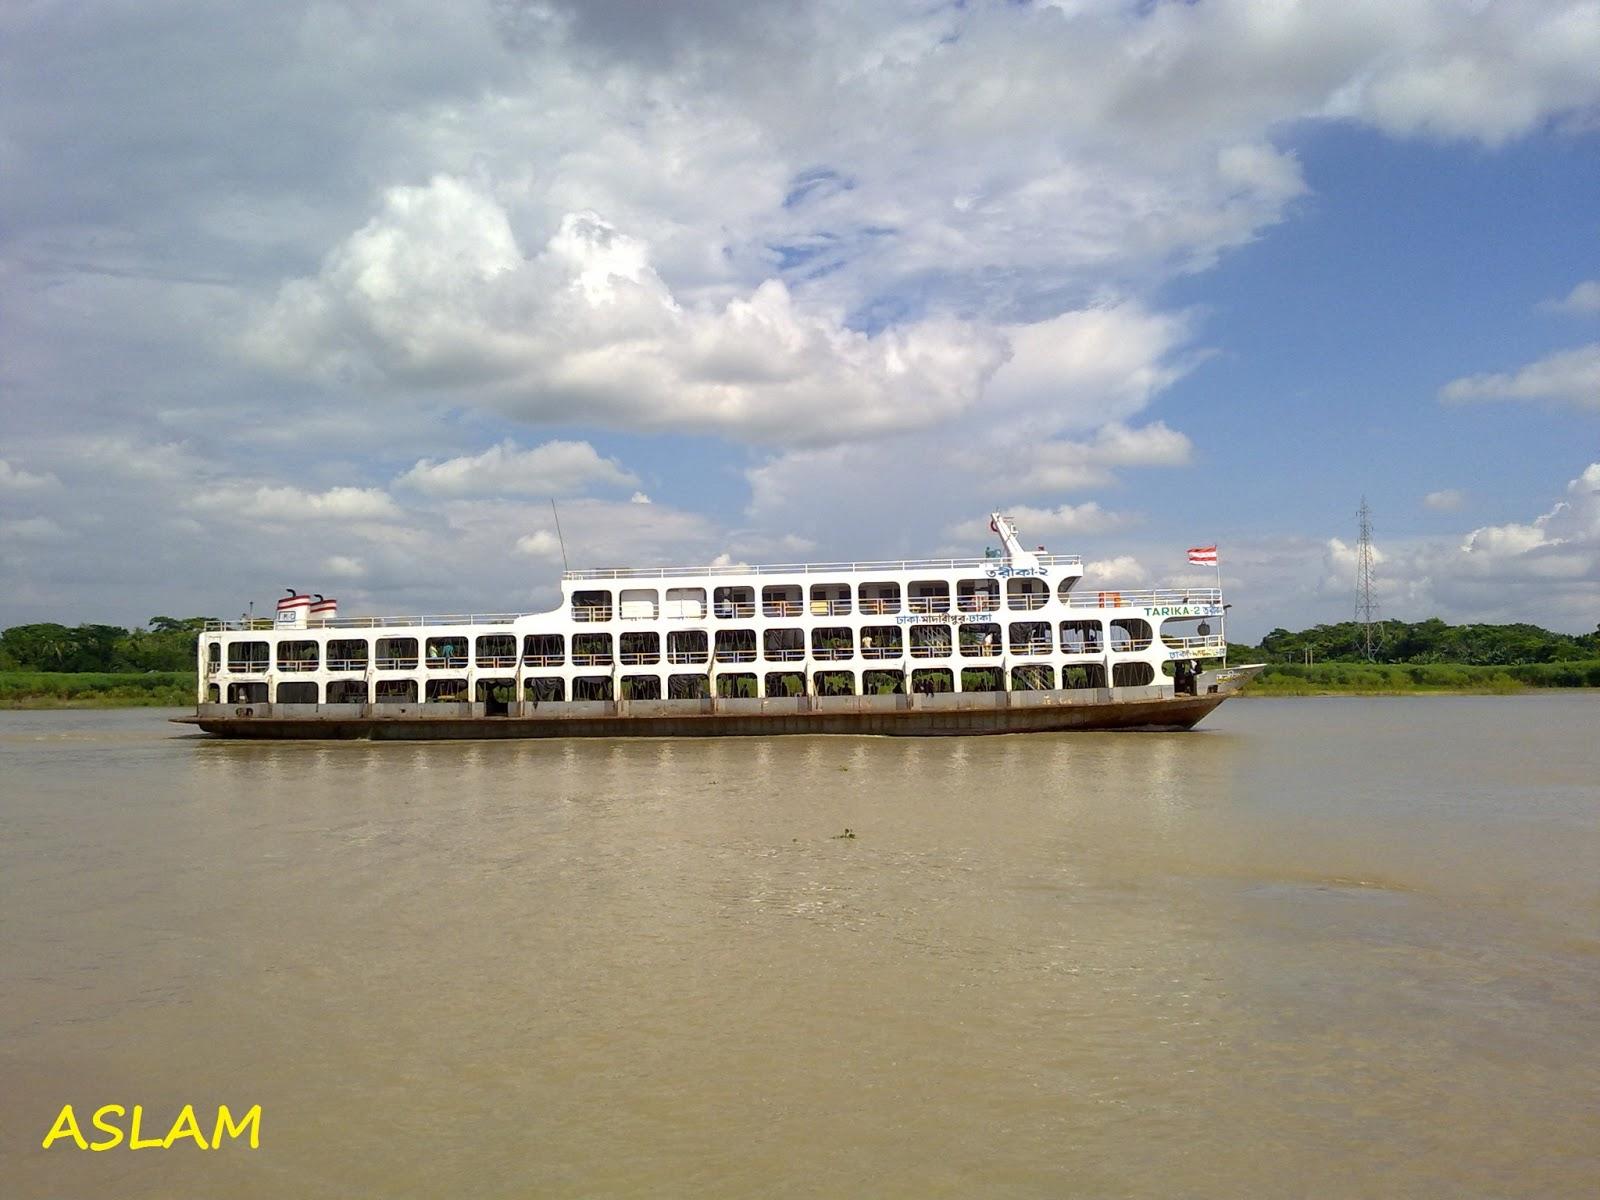 Passanger ship Lonc